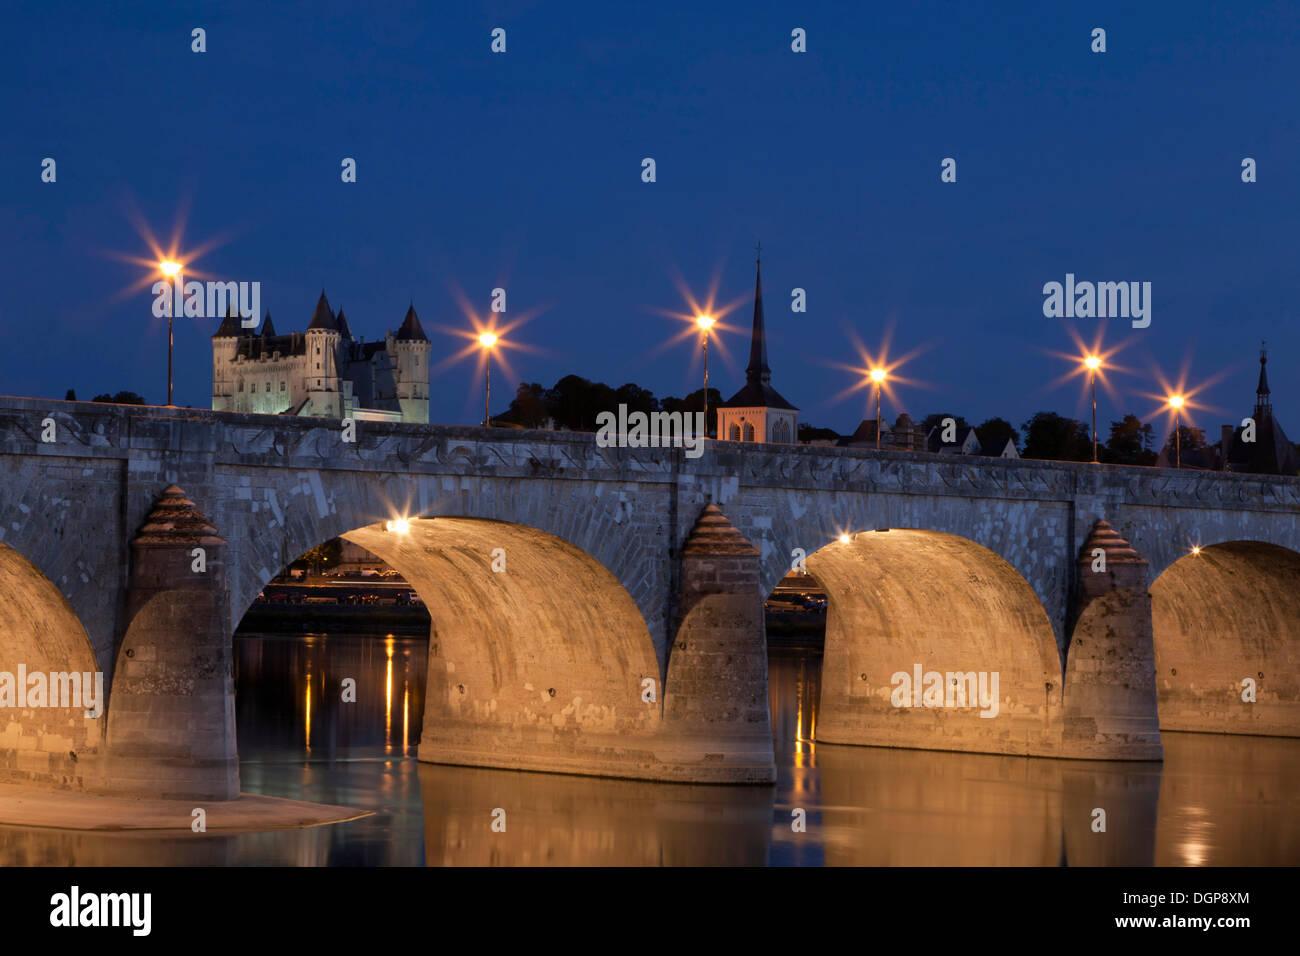 Pont Cessare with Church of St. Pierre and castle, Saumur, Department Maine-et-Loire, Region Pays de la Loire, France, Europe - Stock Image